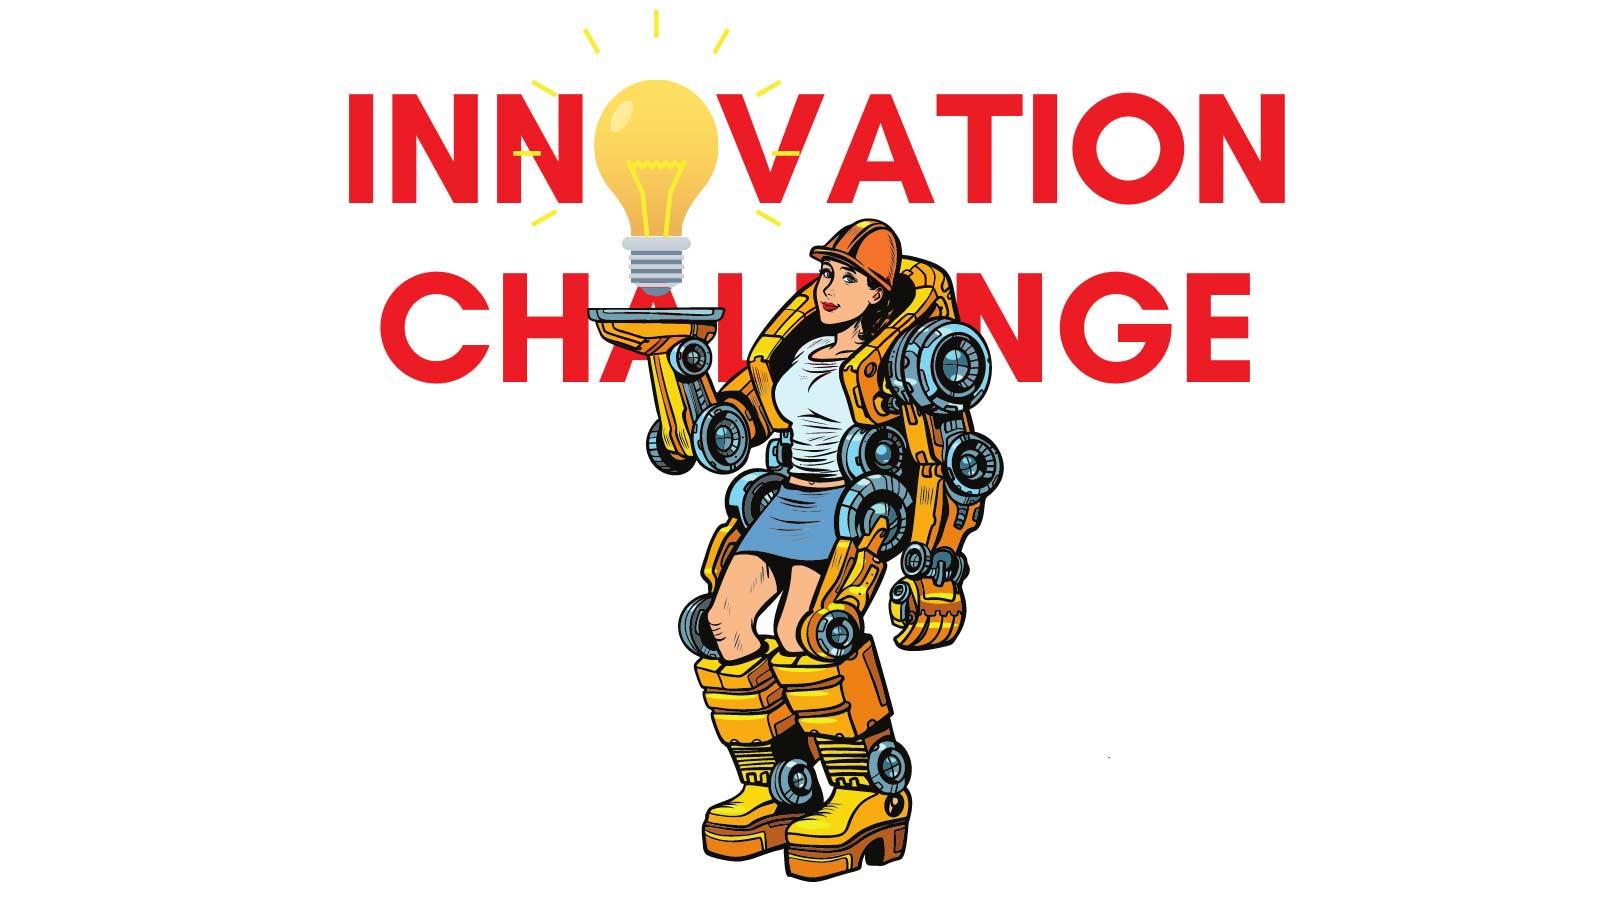 Exoskeleton Innovation Challenge 2021